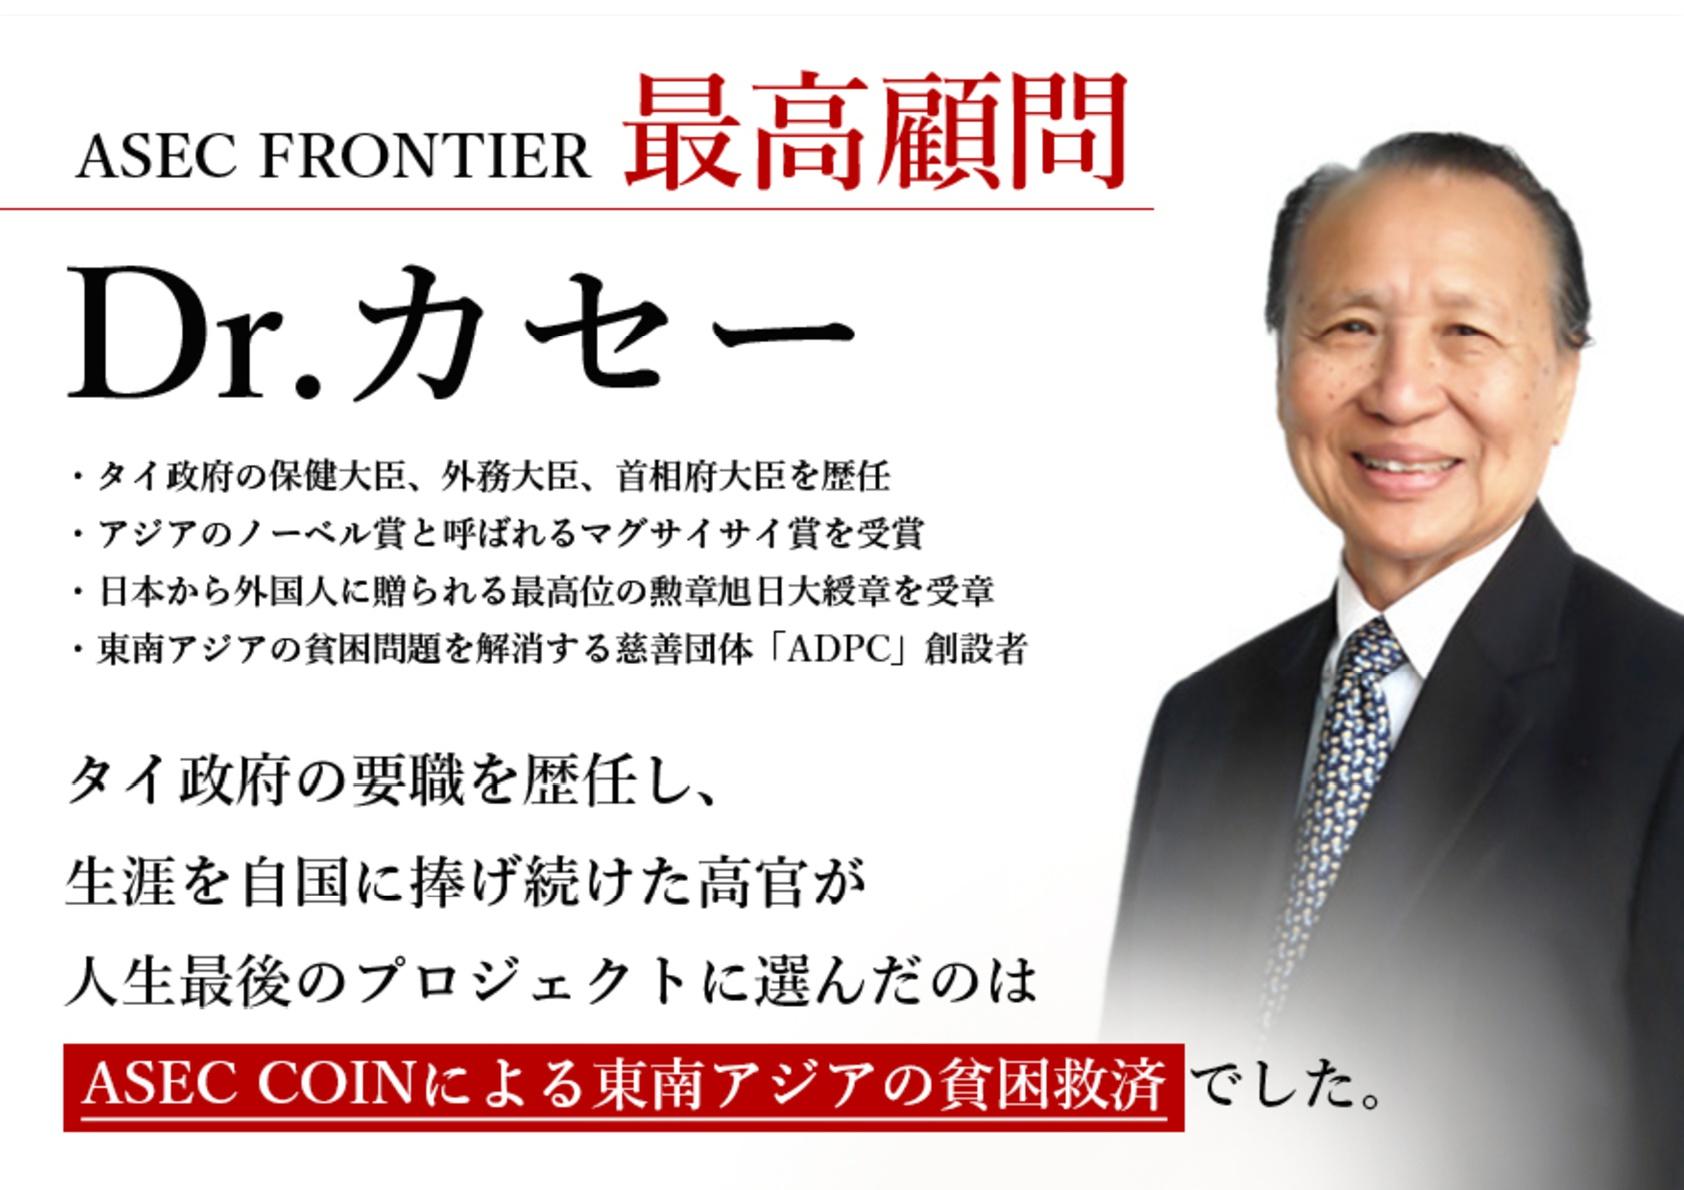 タイの元外務大臣がプロデュースする期待の新興コインのイメージ画像